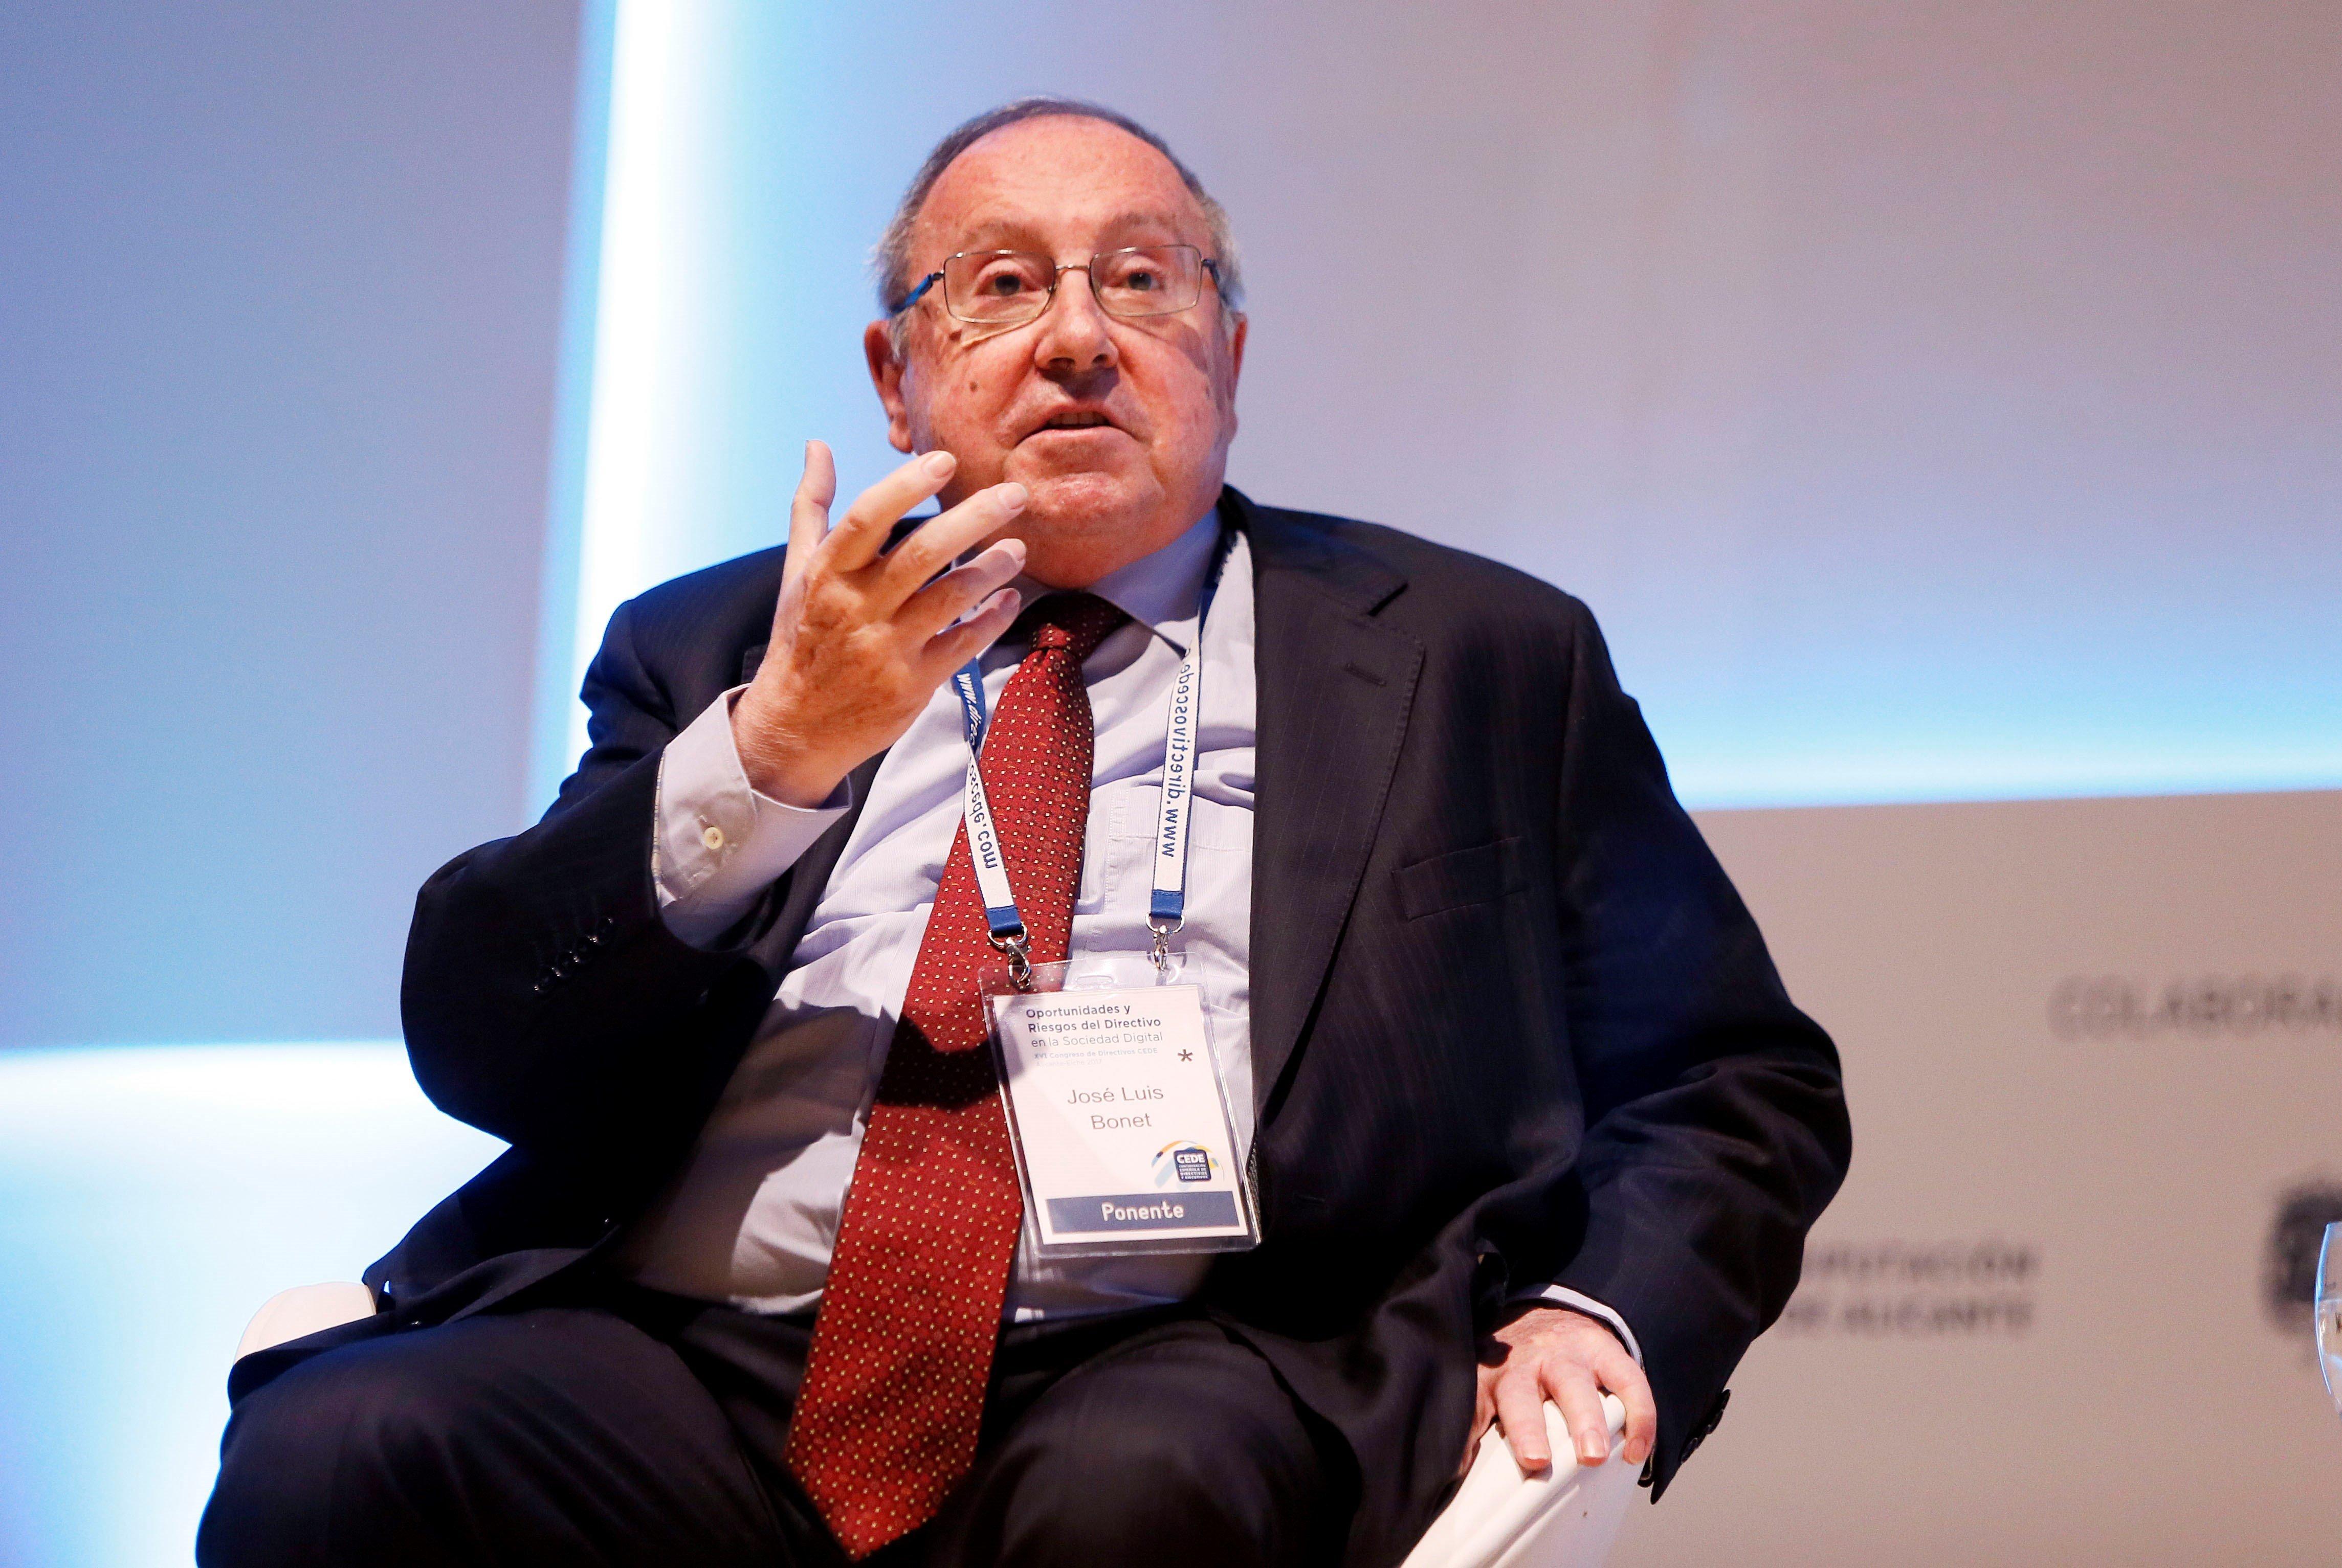 El president de la Cambra de Comerç d'Espanya i de Freixenet, Josep Lluis Bonet